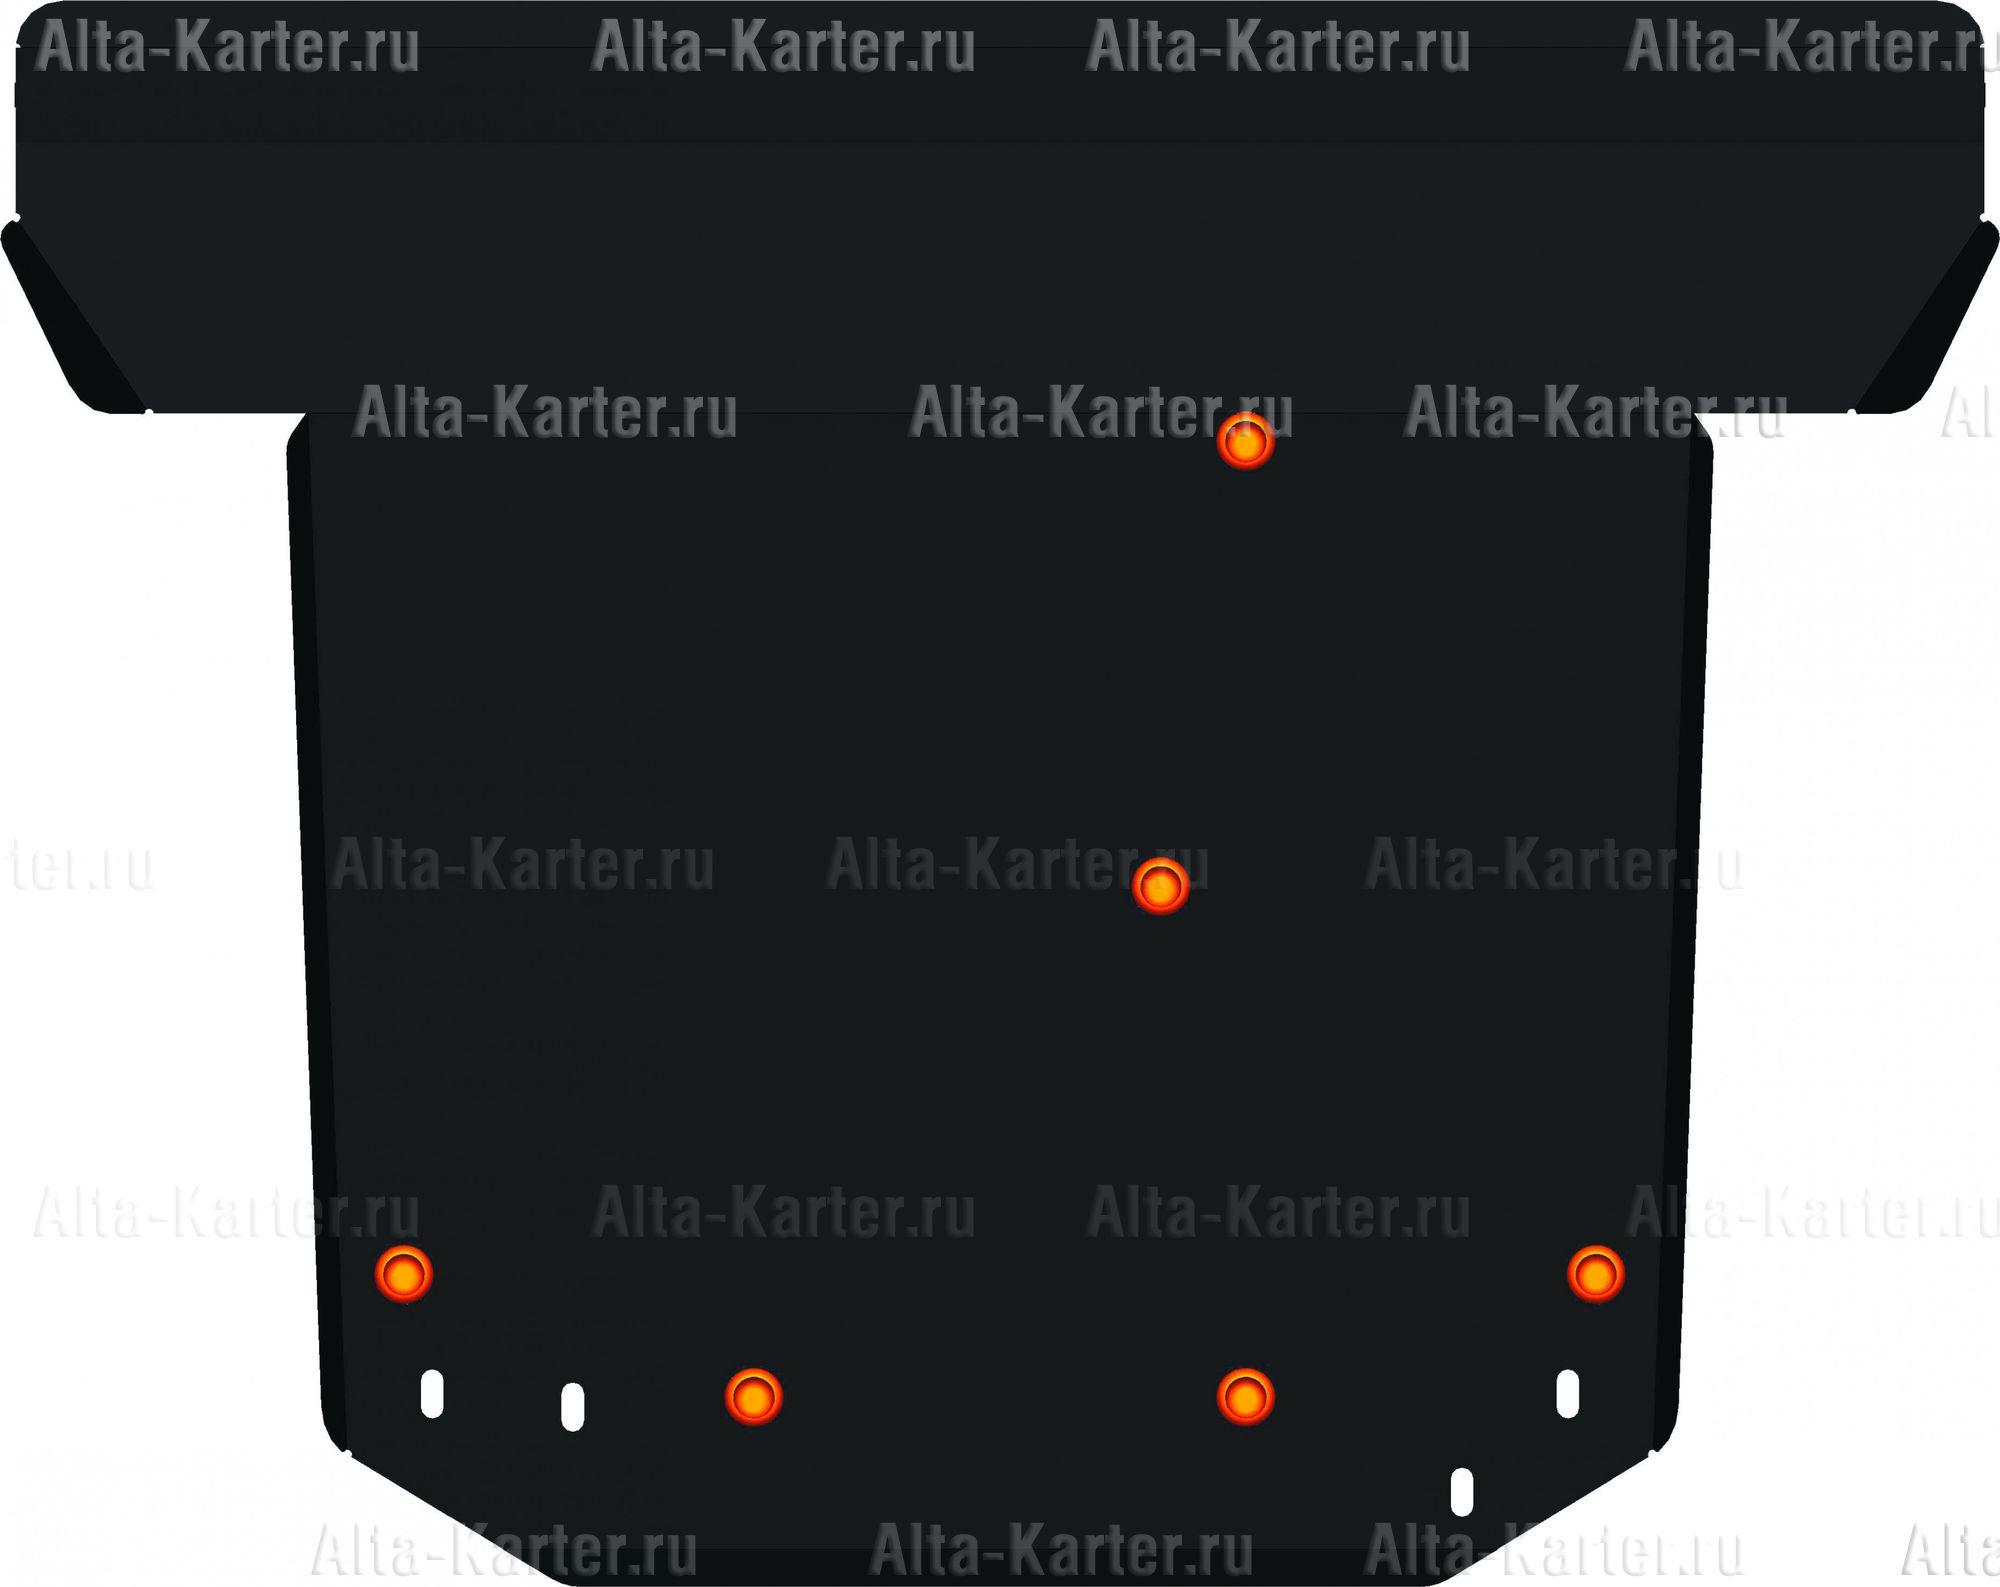 Защита Alfeco для картера и КПП Kia Clarus II 1995-2001. Артикул ALF.13.16